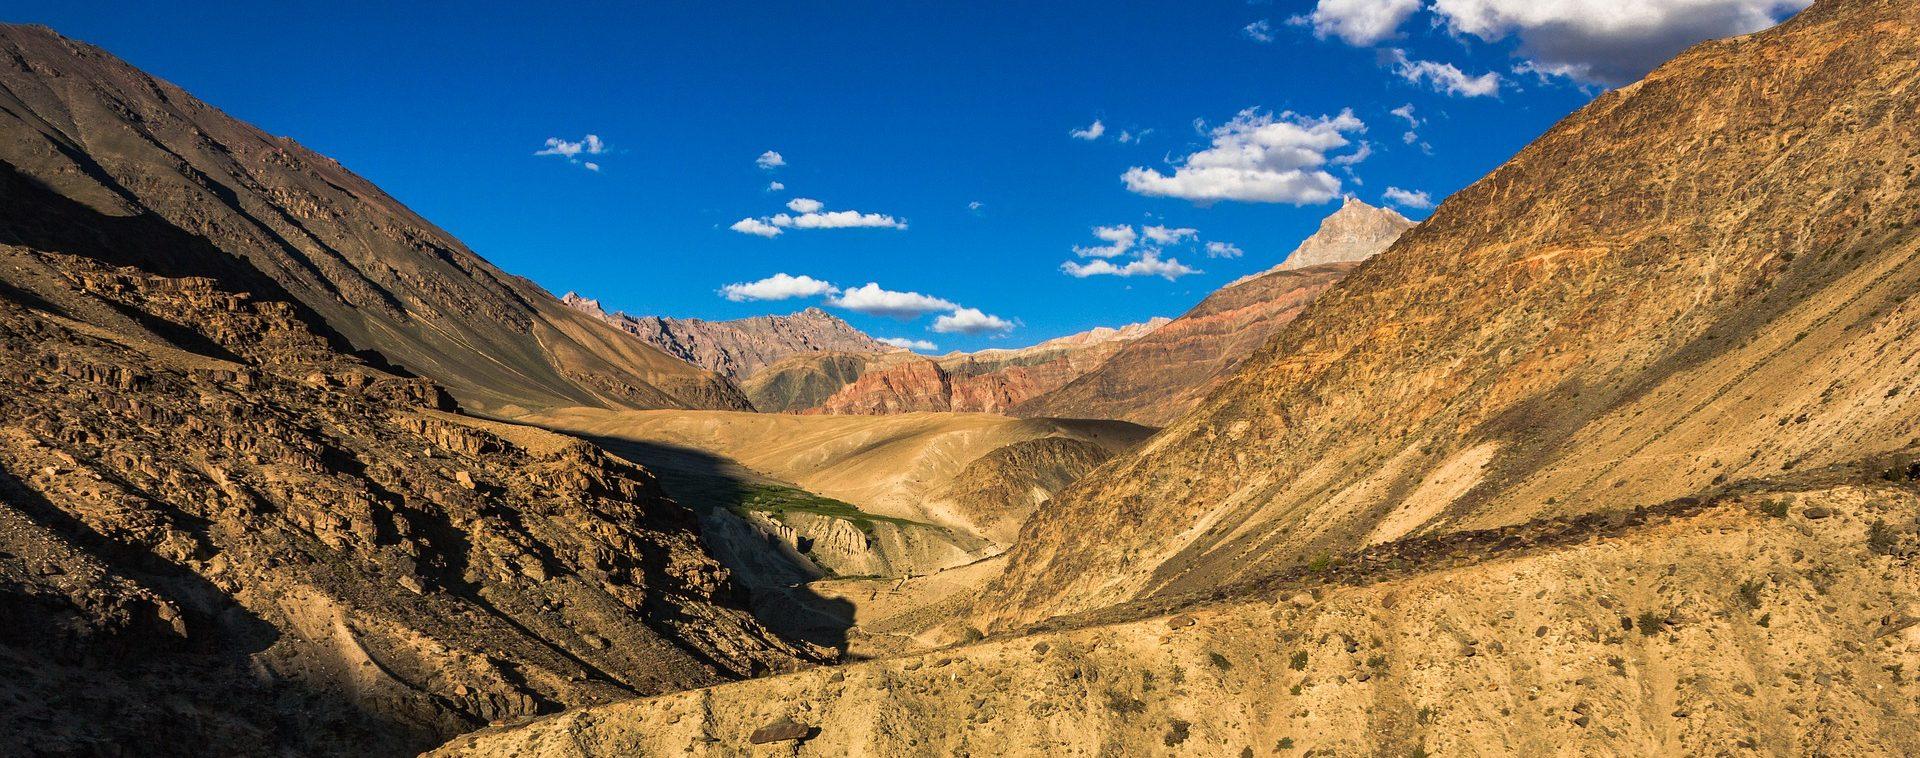 Inde Himalayenne - Rejoindre le Zanskar par une haute route oubliée - Les matins du monde